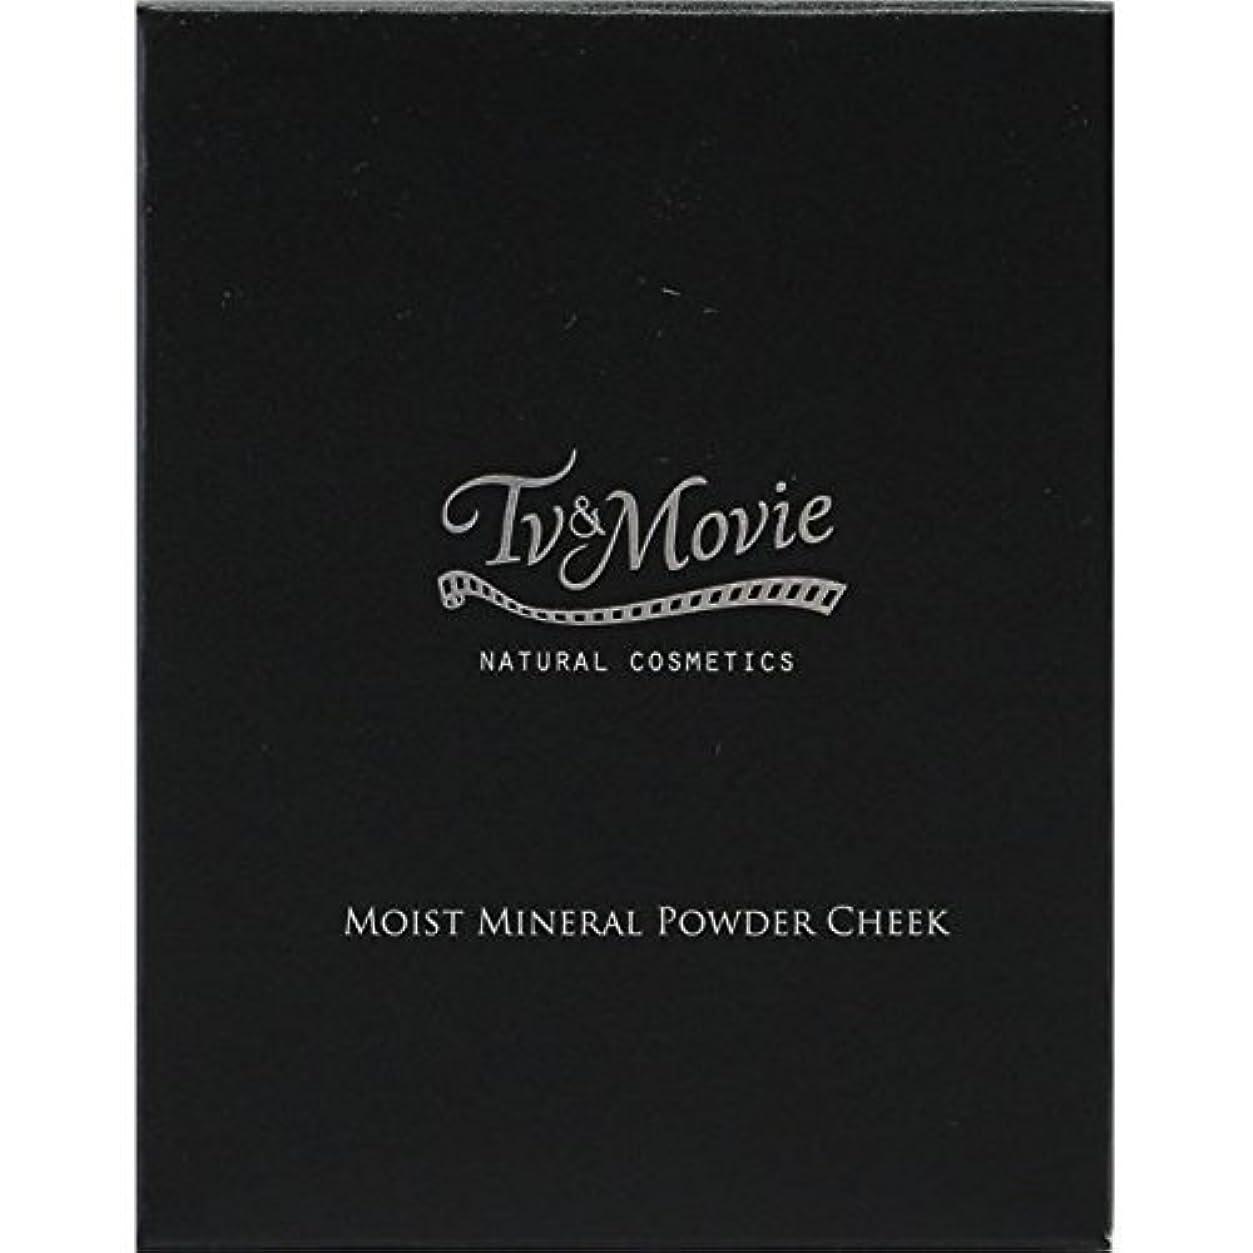 ビット伸ばす文明化するTv&Movie モイストミネラル パウダーチーク 02 スイートオレンジ 5g